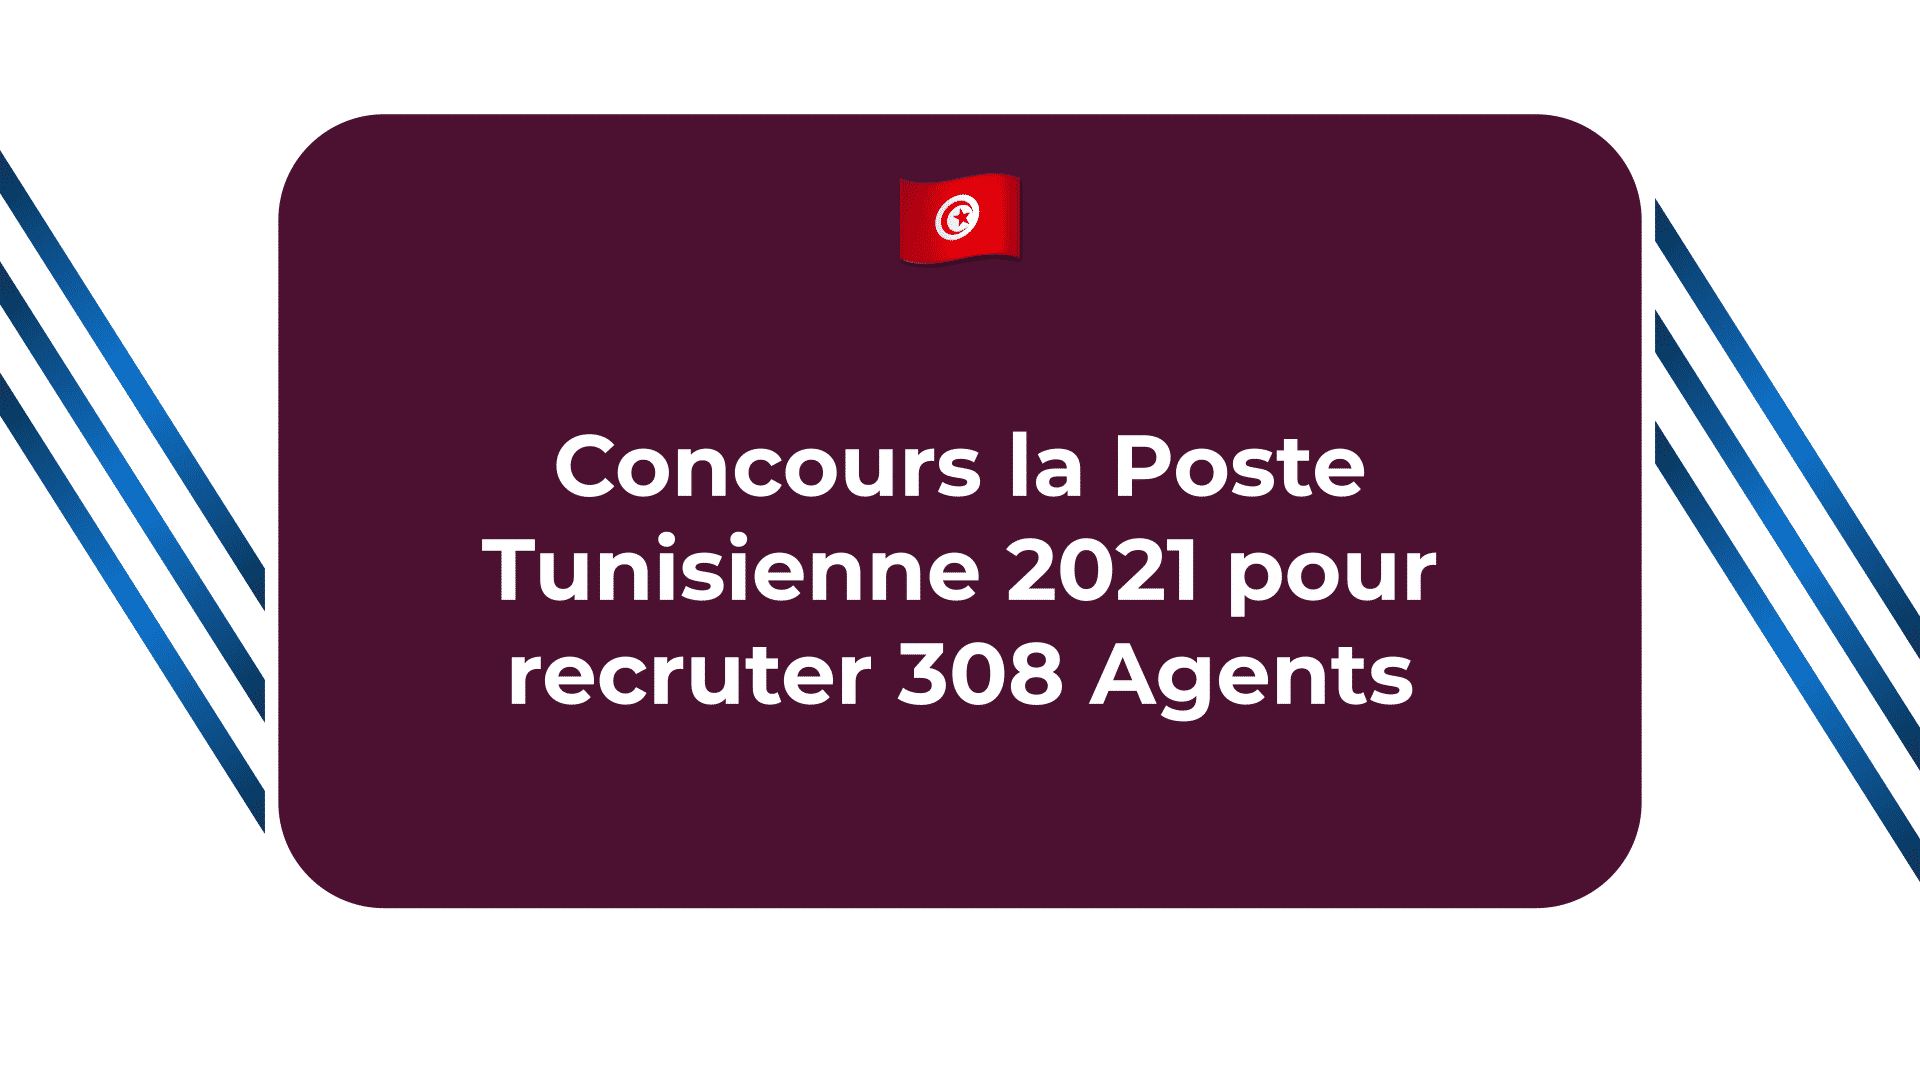 Concours la Poste Tunisienne